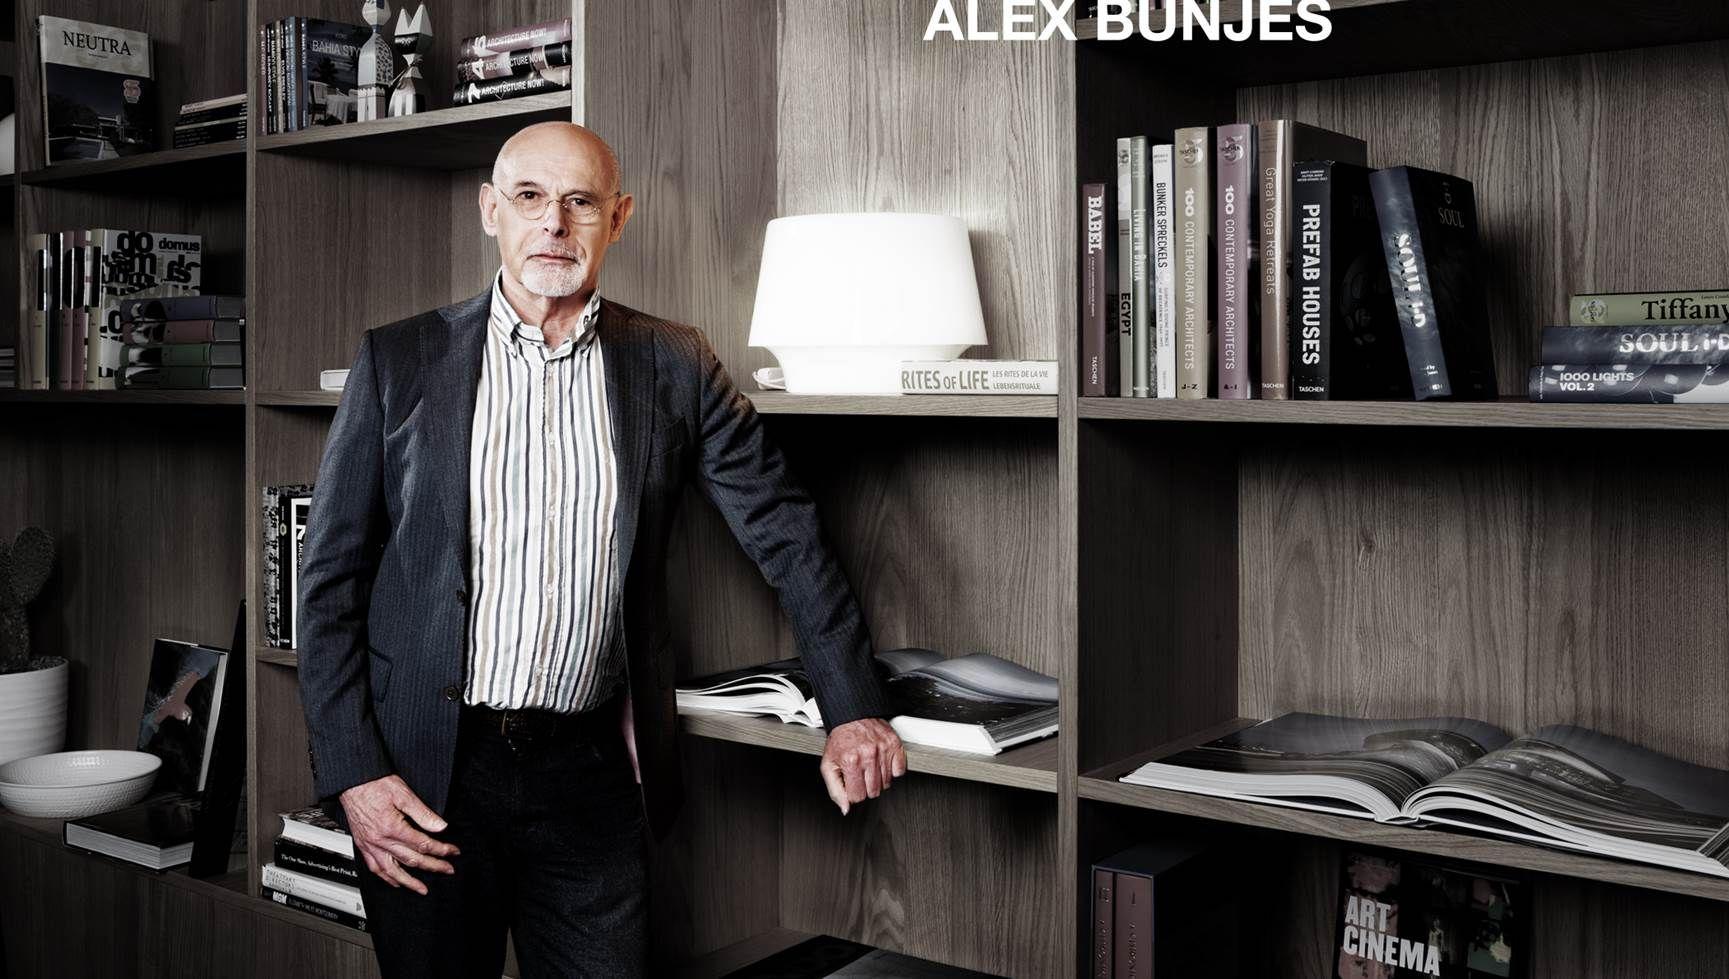 Alex Bunjes